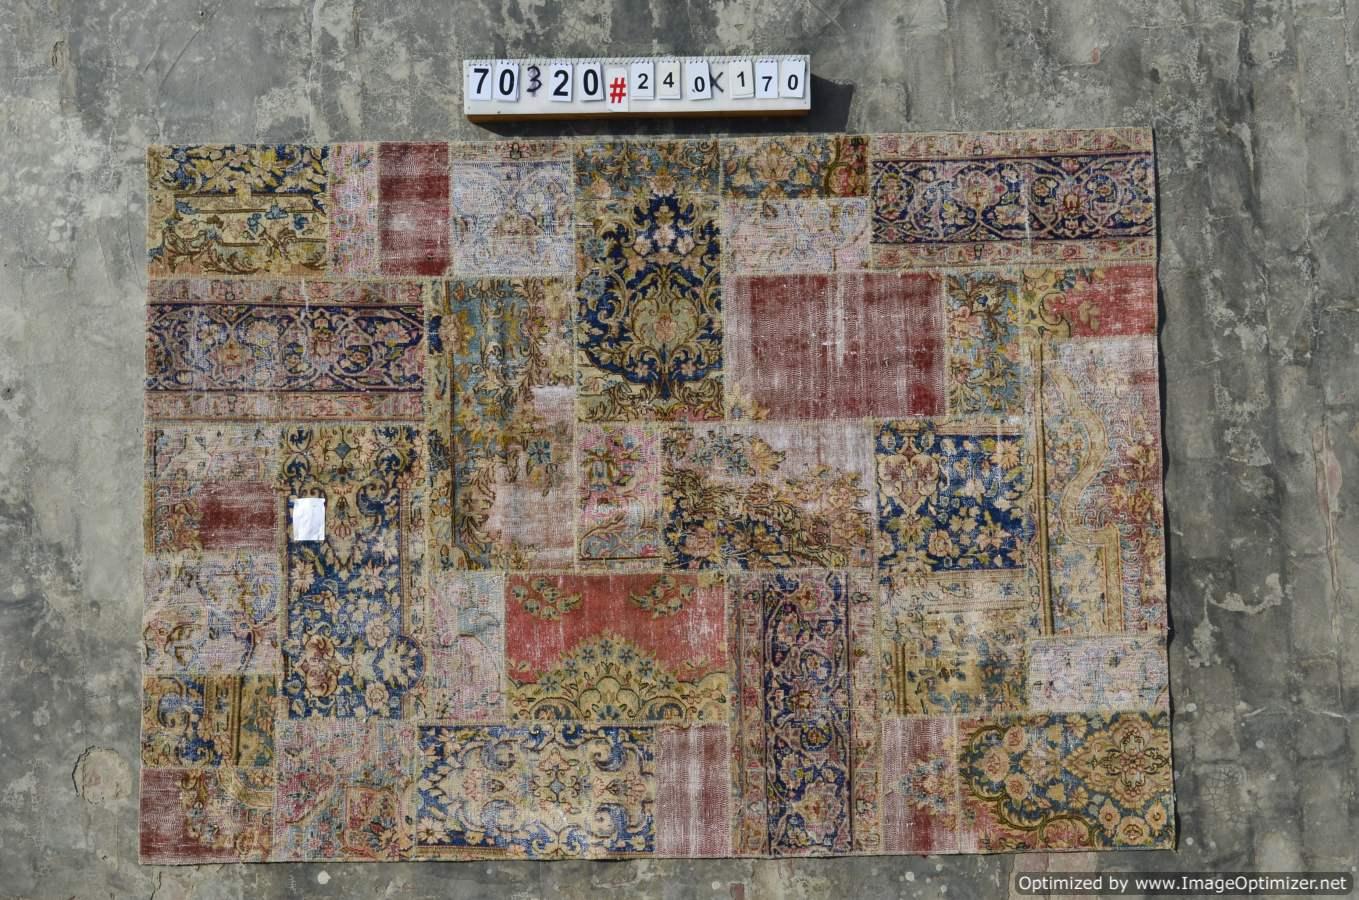 Patchwork vloerkleed uit Iran  70320  (240cm x 170cm) gemaakt vintage vloerkleden incl.onderkleed van katoen.